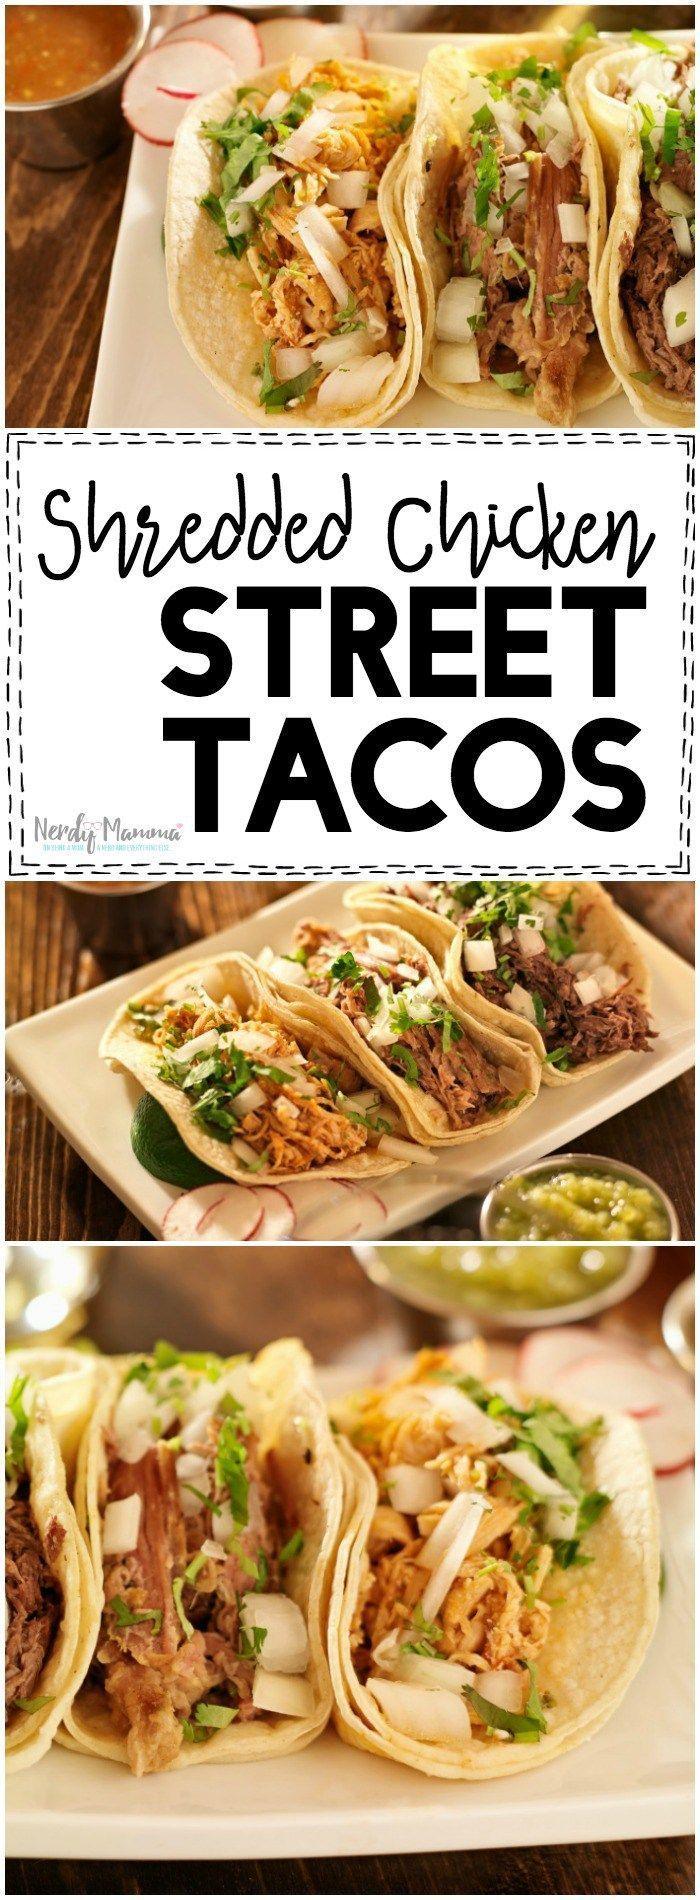 Shredded Chicken Street Tacos #tacorecipes